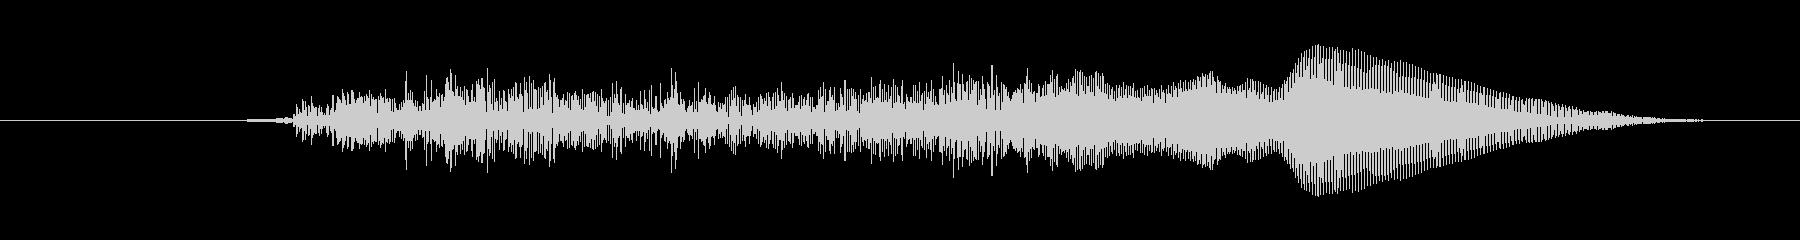 鳴き声 スクリームヒステリックオス03の未再生の波形